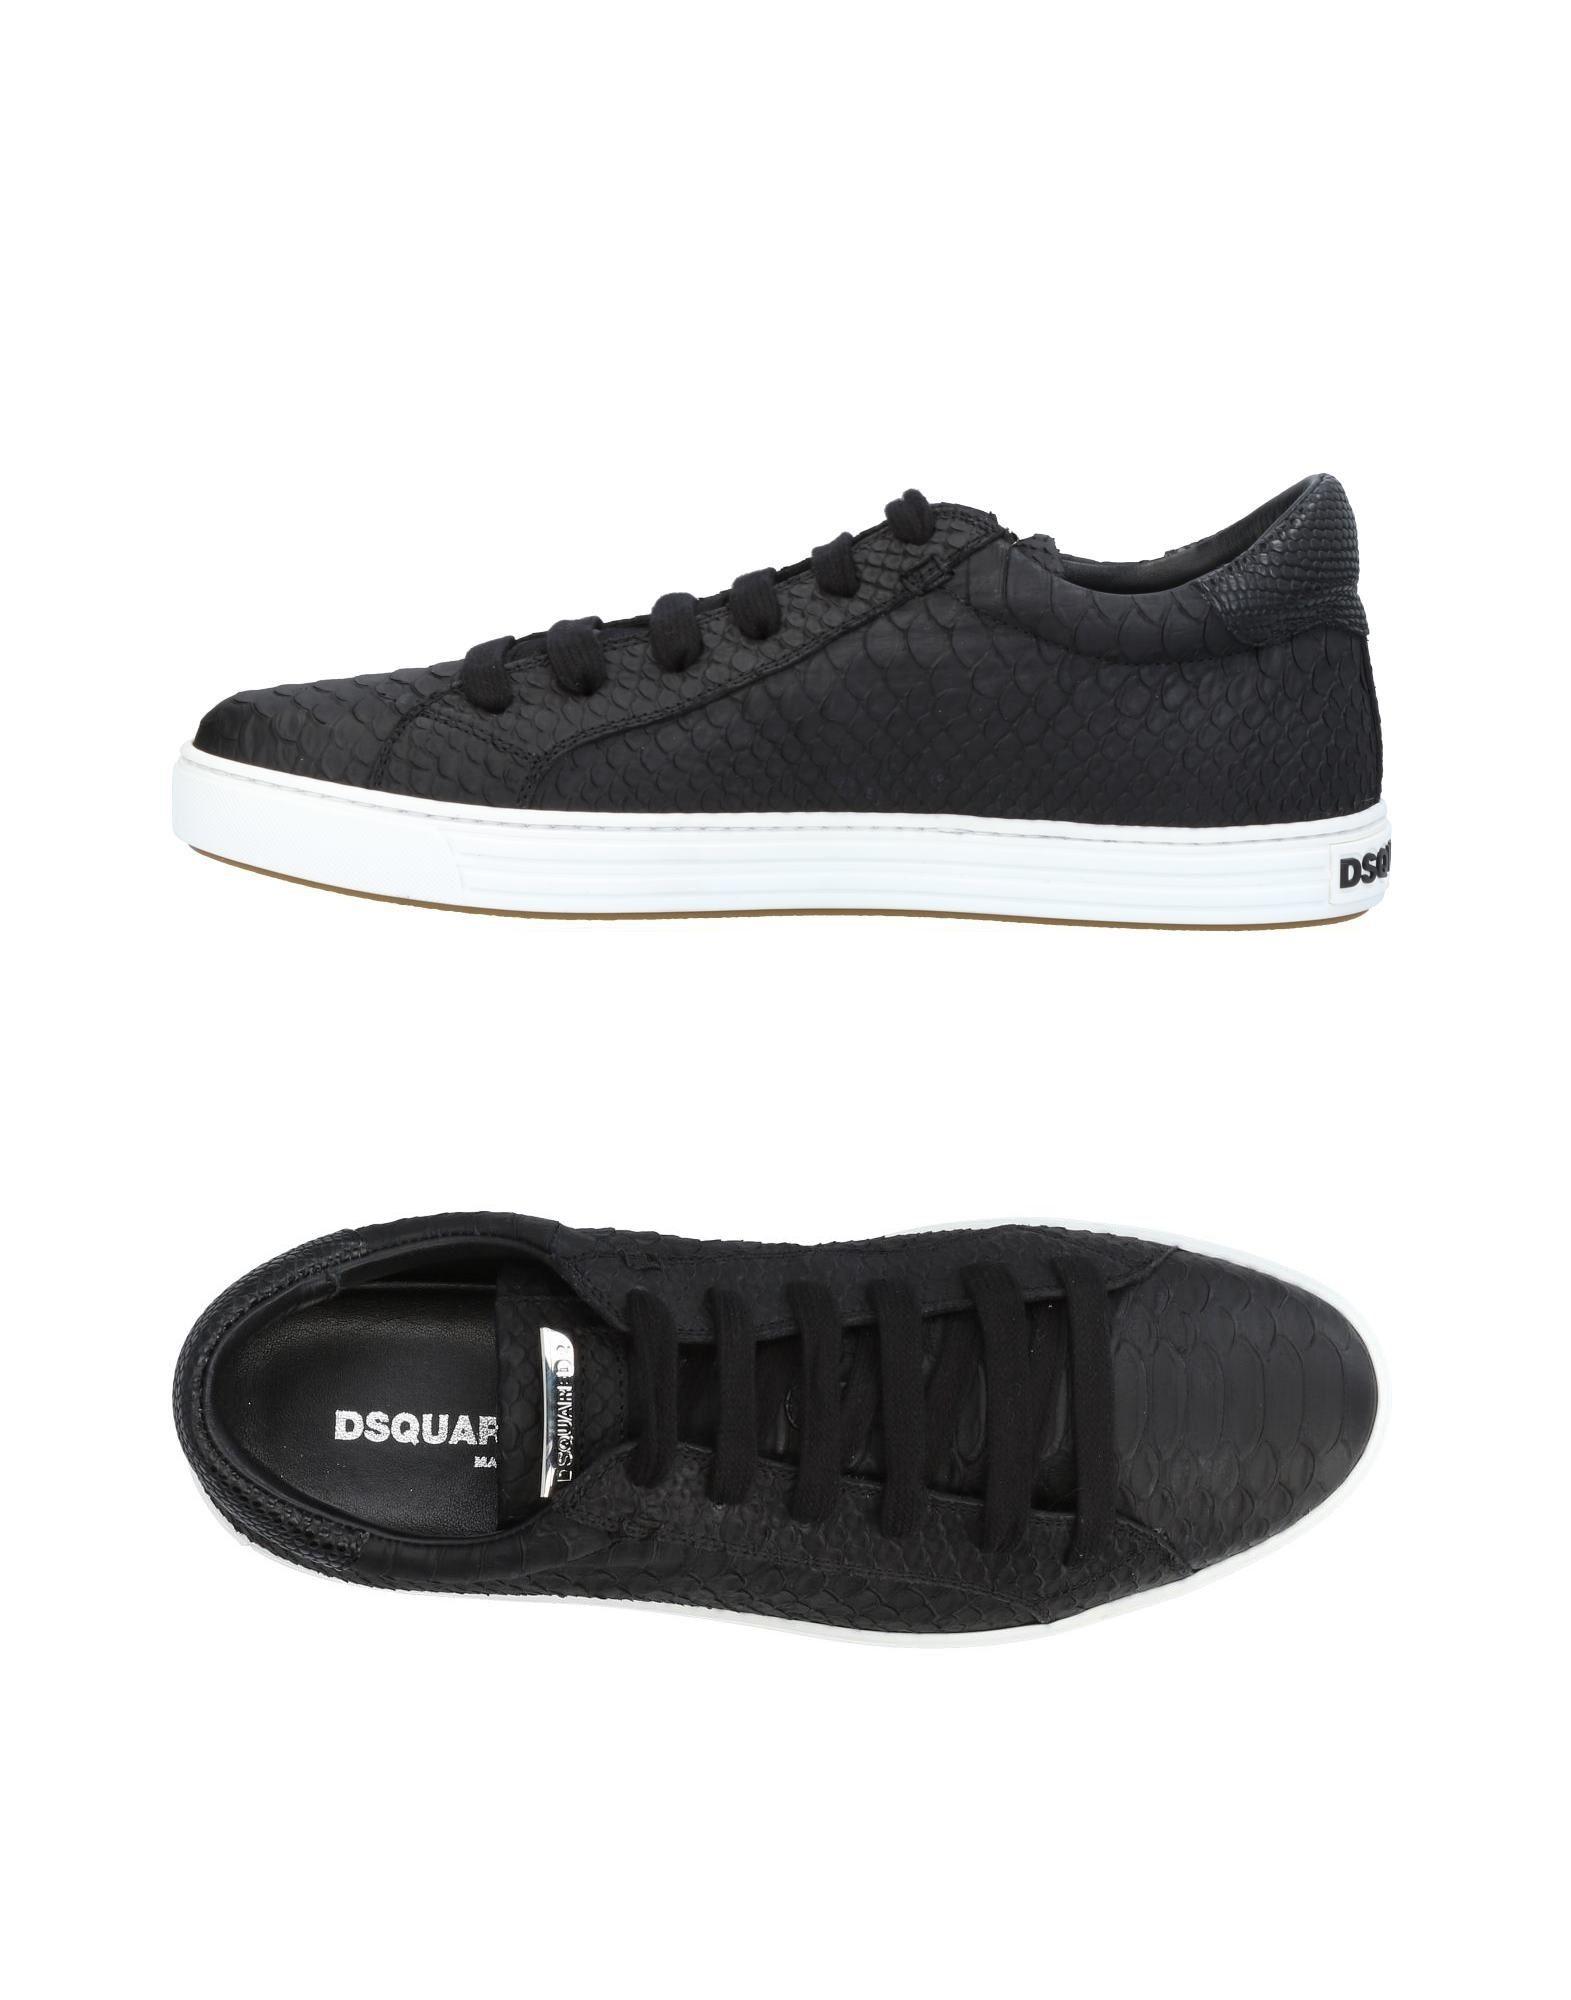 Baskets Dsquared2 Homme - Baskets Dsquared2  Noir Les chaussures les plus populaires pour les hommes et les femmes